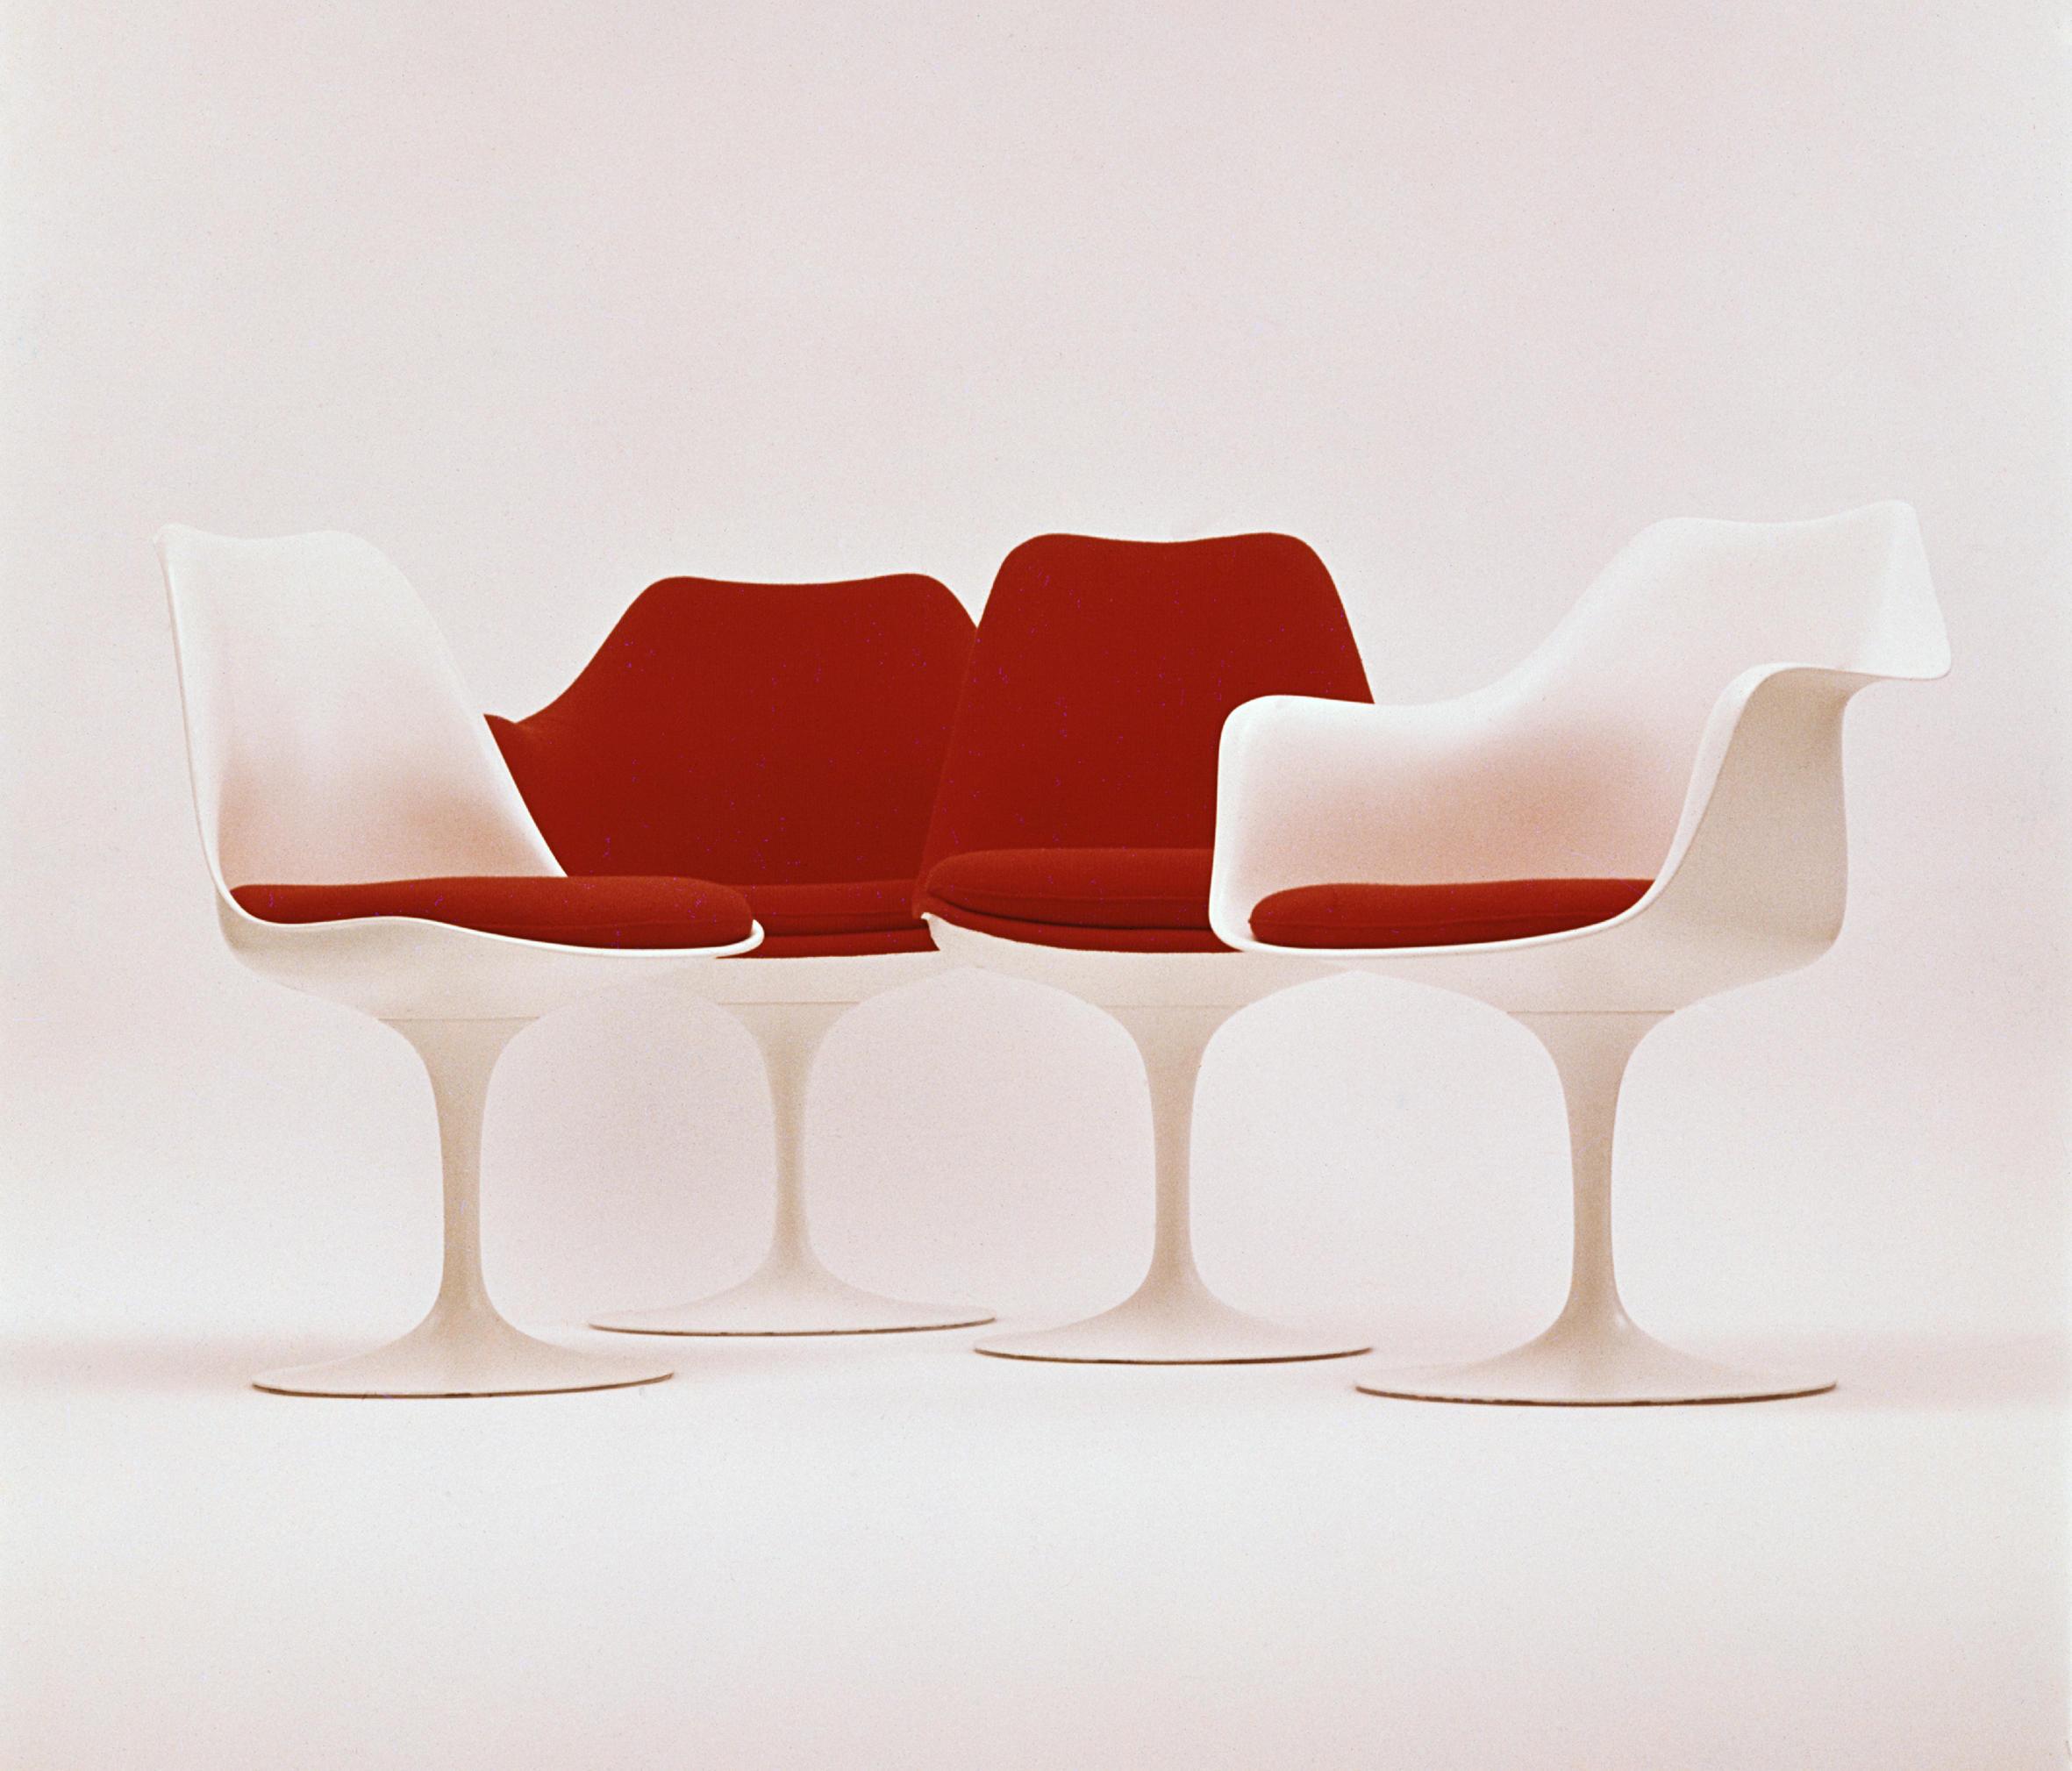 Saarinen Tulip Low Table Coffee Tables From Knoll International  # Muebles Eero Saarinen